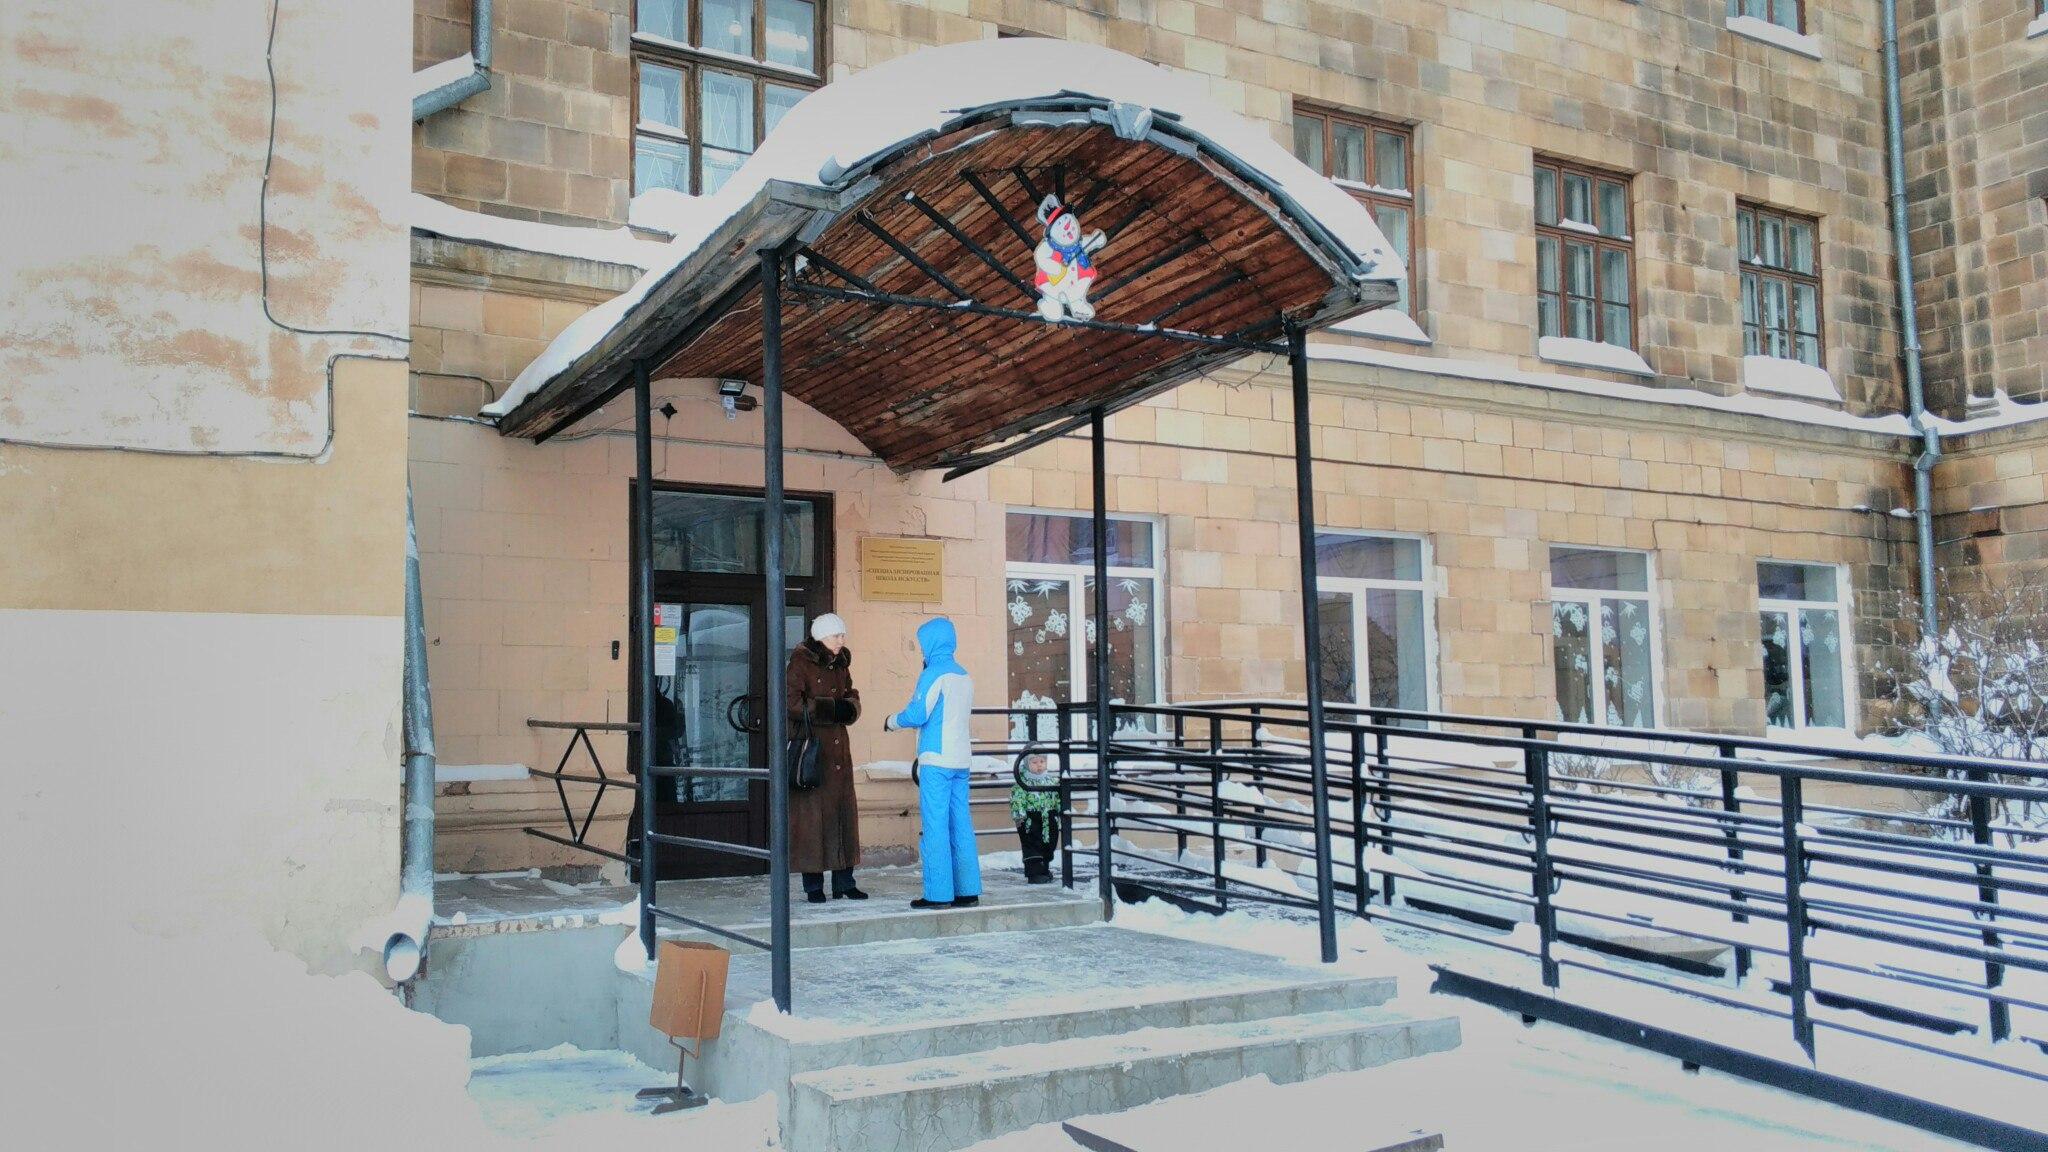 Школа искусств в Петрозаводске. Фото: Наталья Соколова